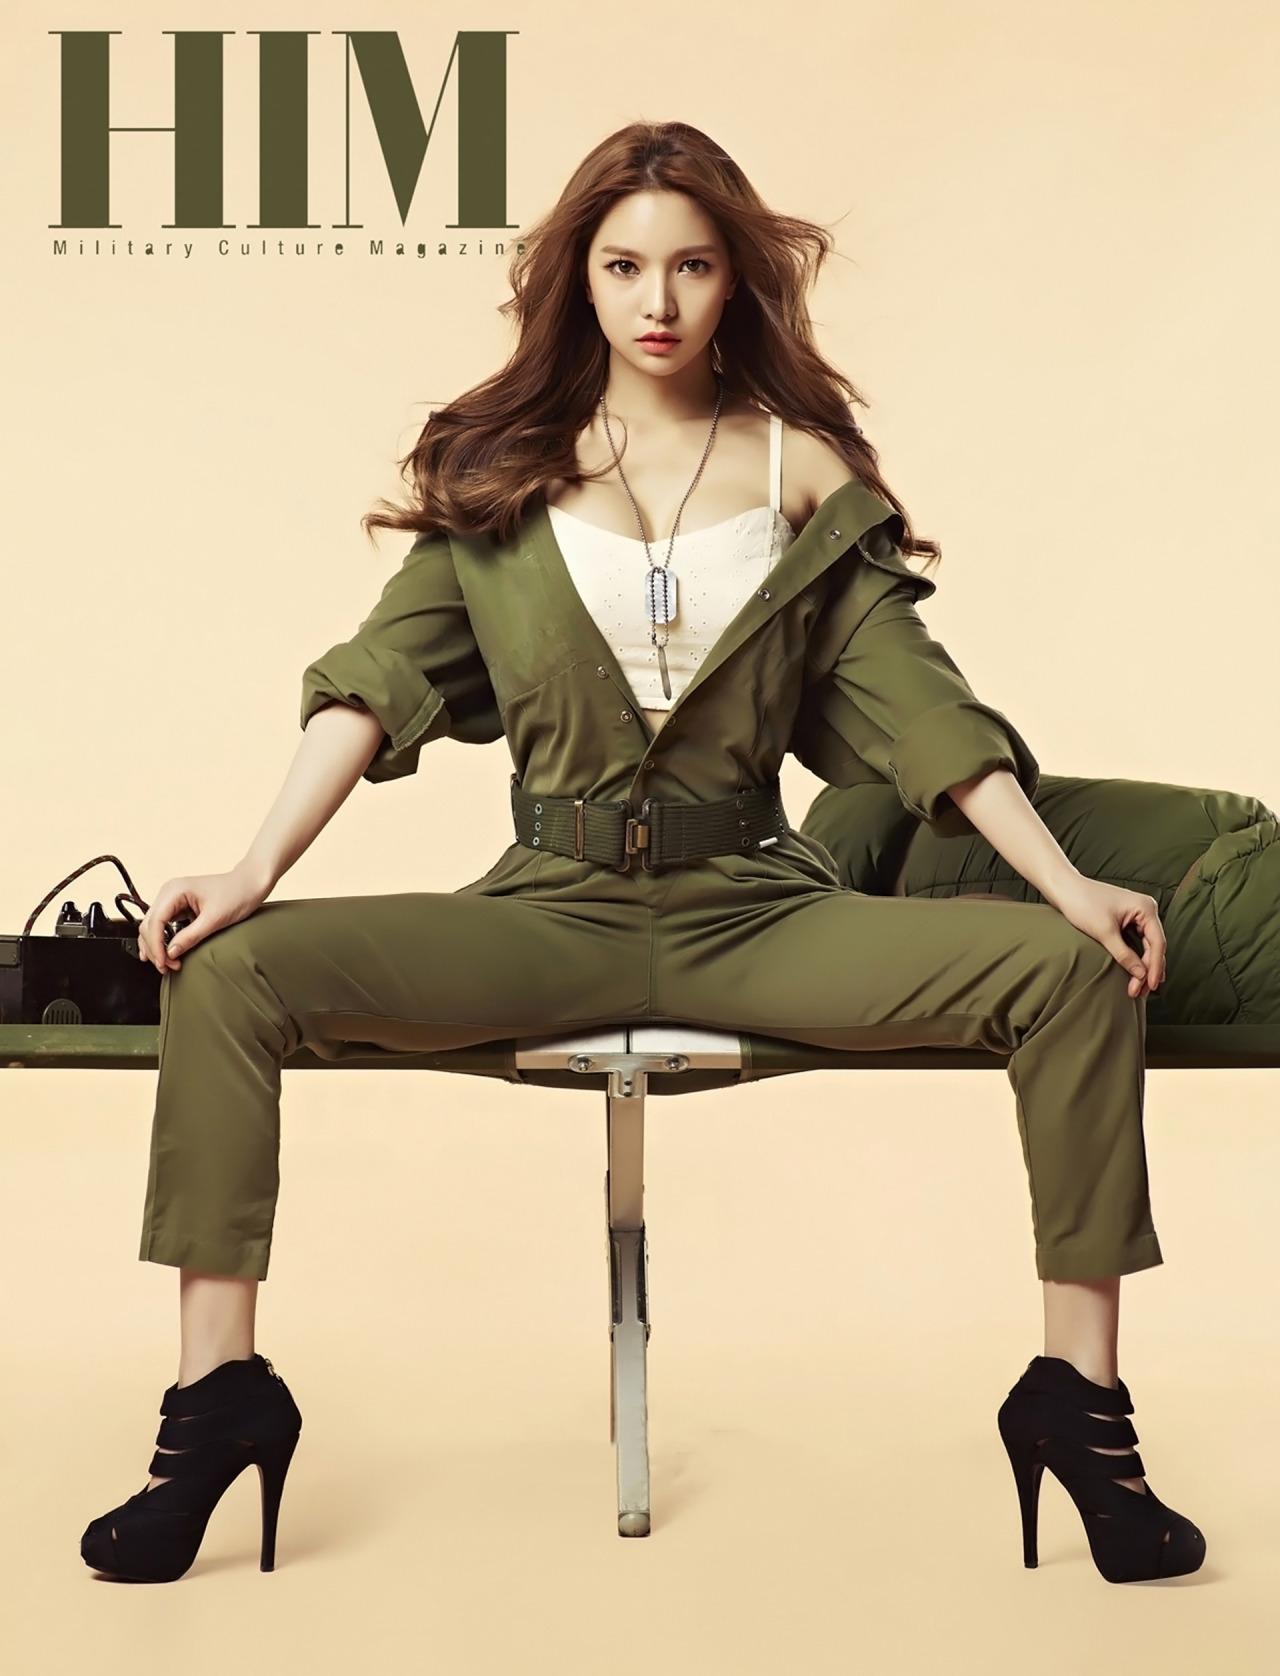 Fiestar Jei - HIM Magazine March Issue '15